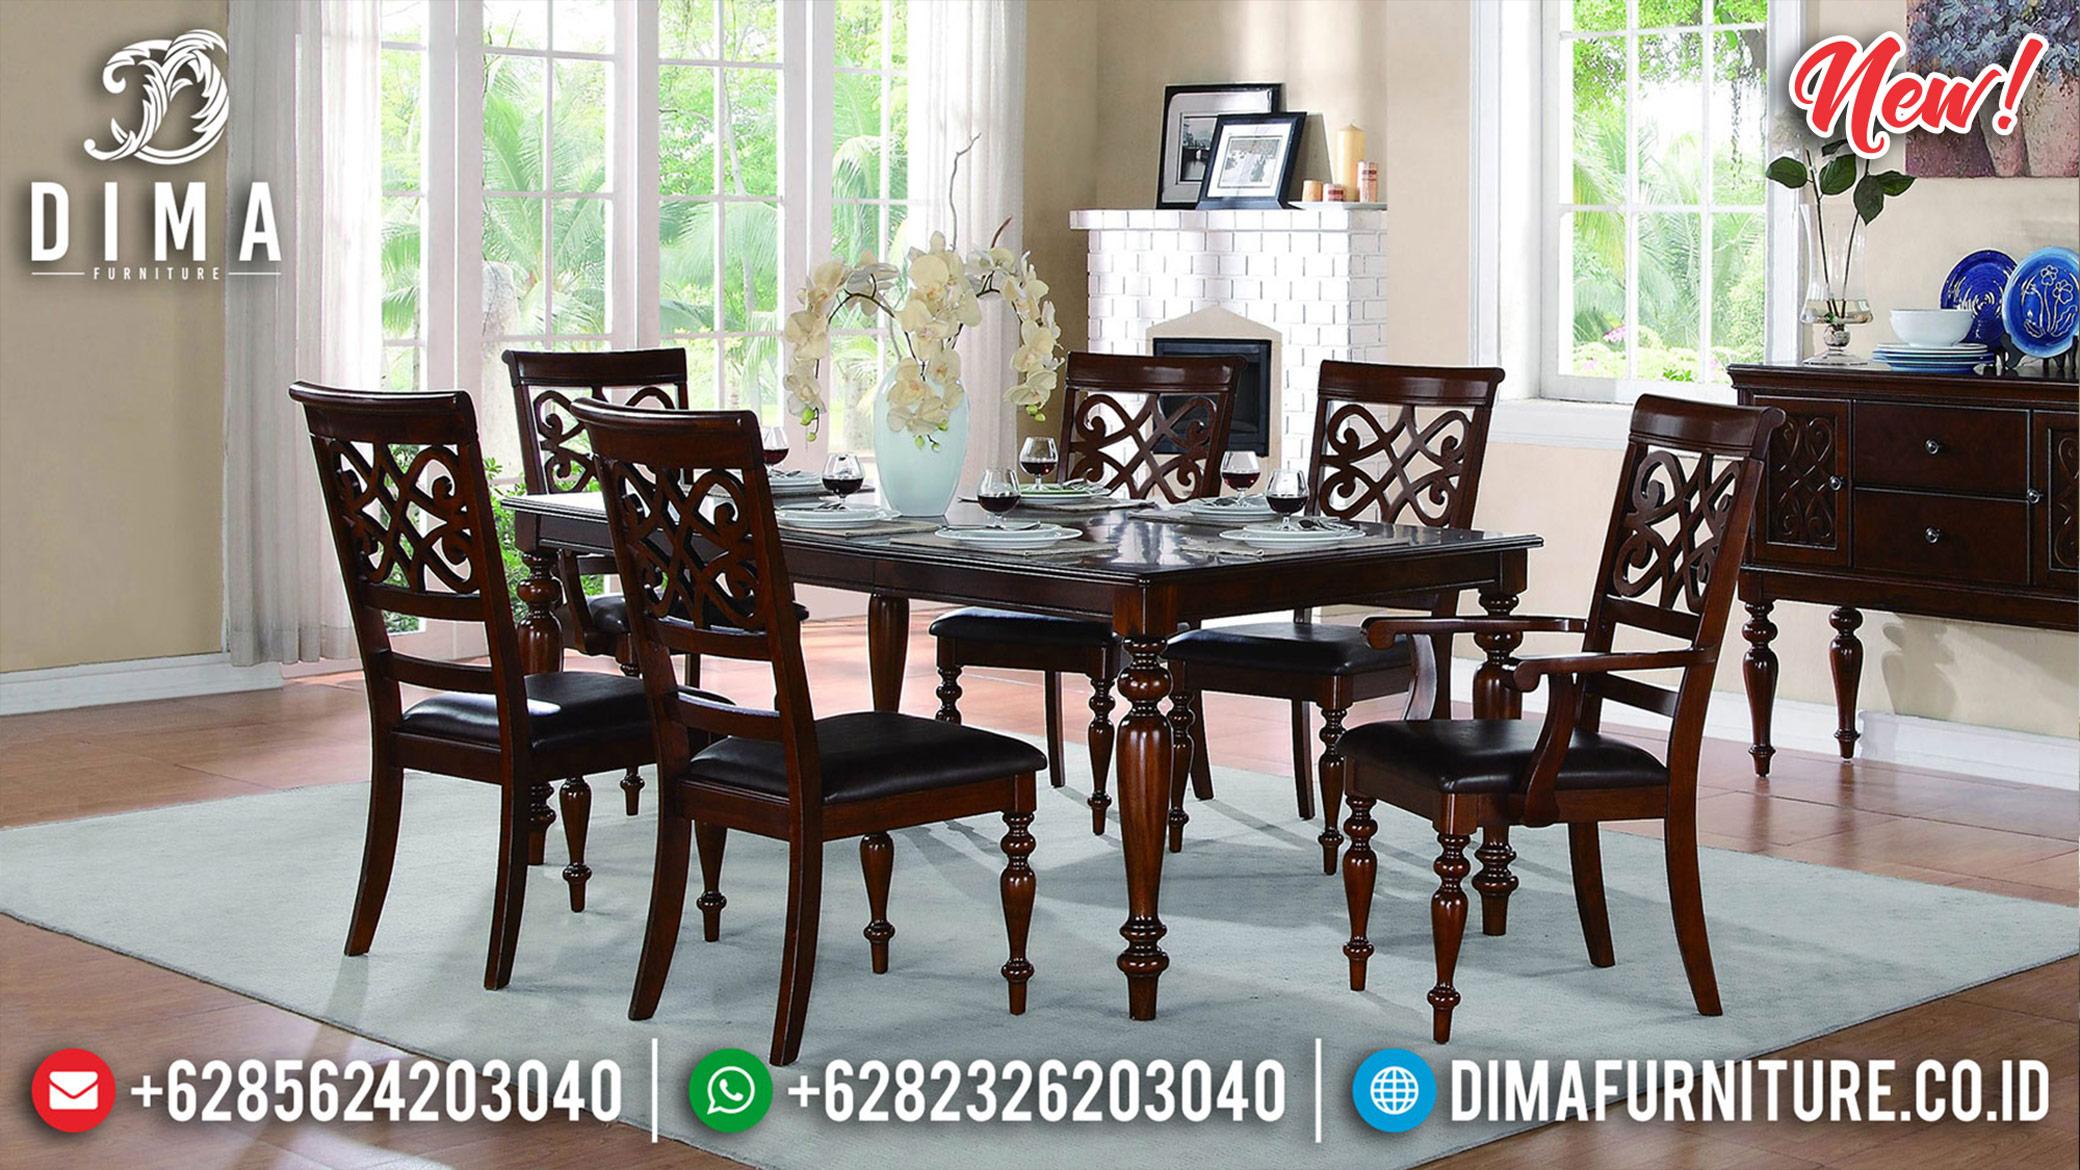 Meja Makan Minimalis Jati Natural Salak Dark Furniture Jepara Luxury ST-1163